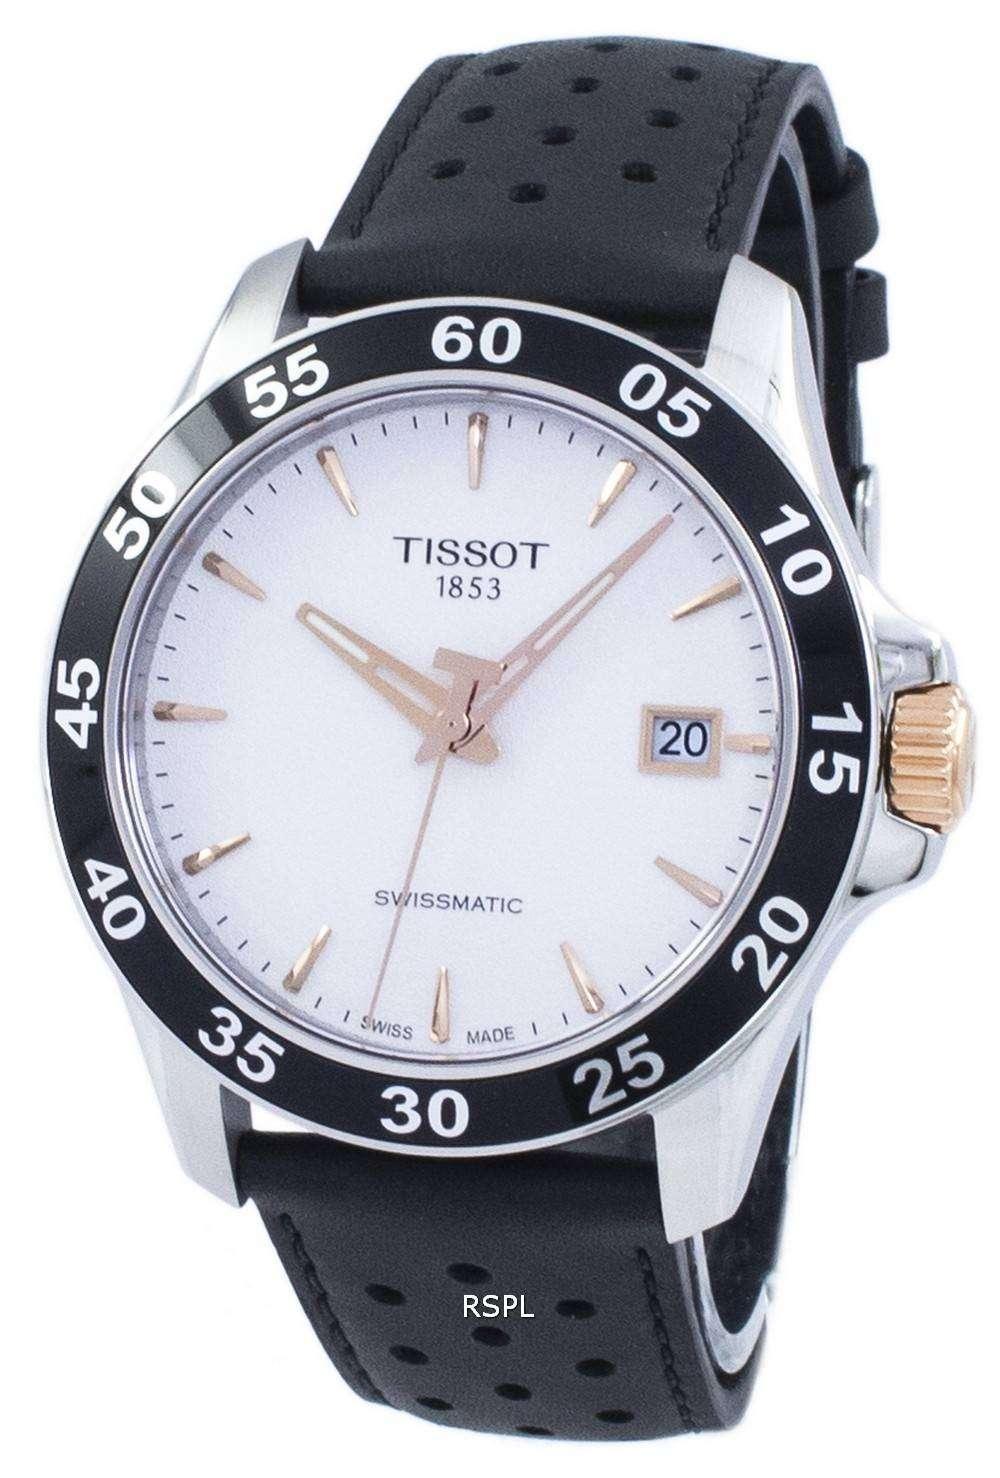 ティソ T-スポーツ V8 Swissmatic 自動 T106.407.26.031.00 T1064072603100 メンズ腕時計